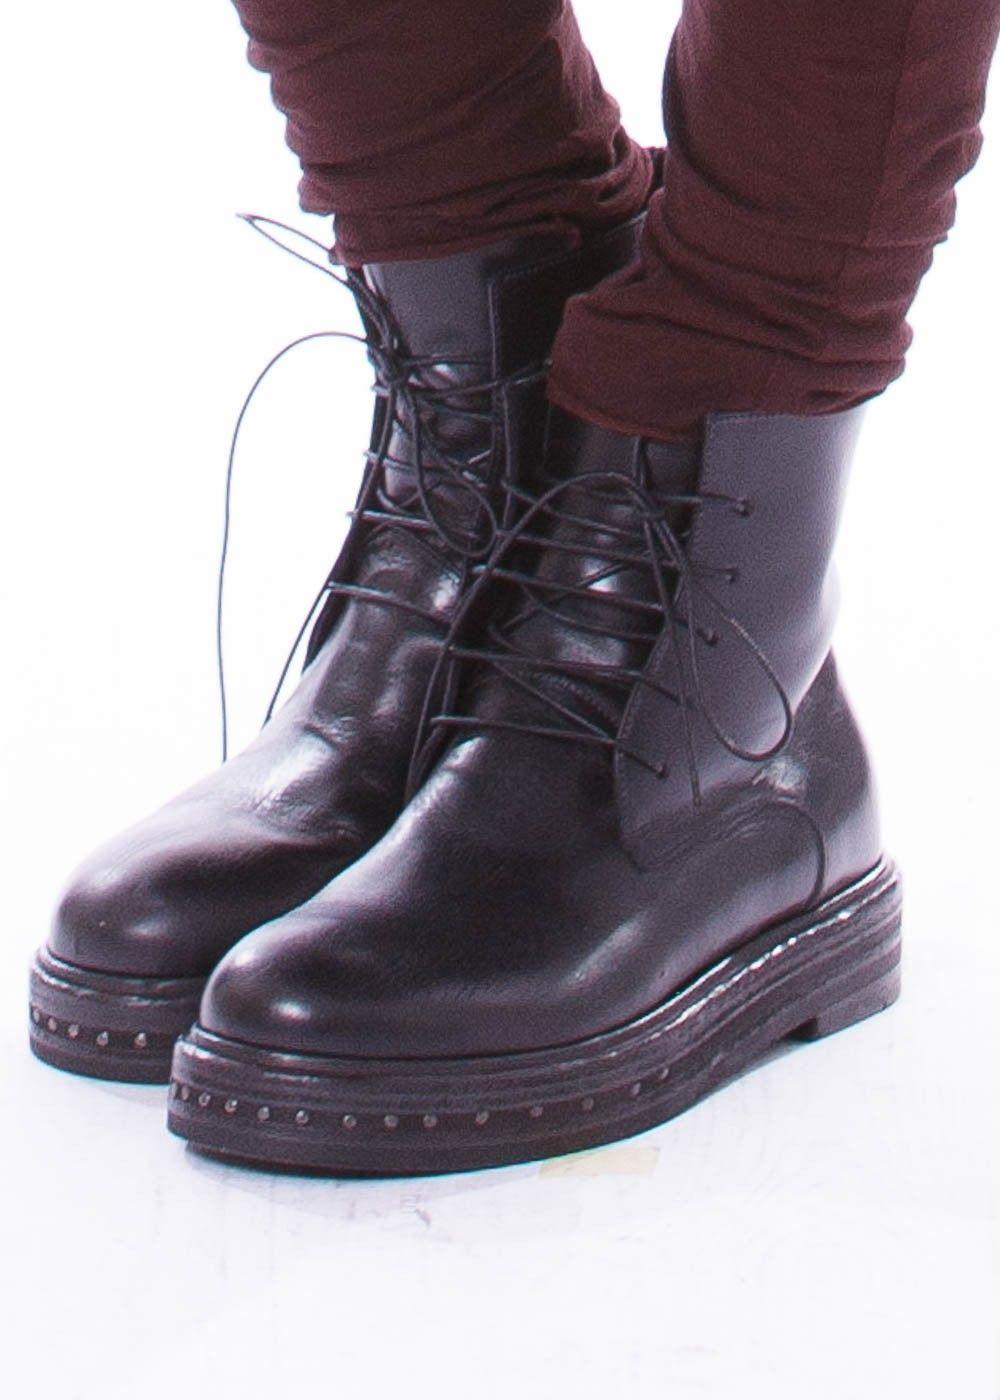 Schnürschuhe von RUNDHOLZ | Designerschuhe, Schuhe, Rundholz